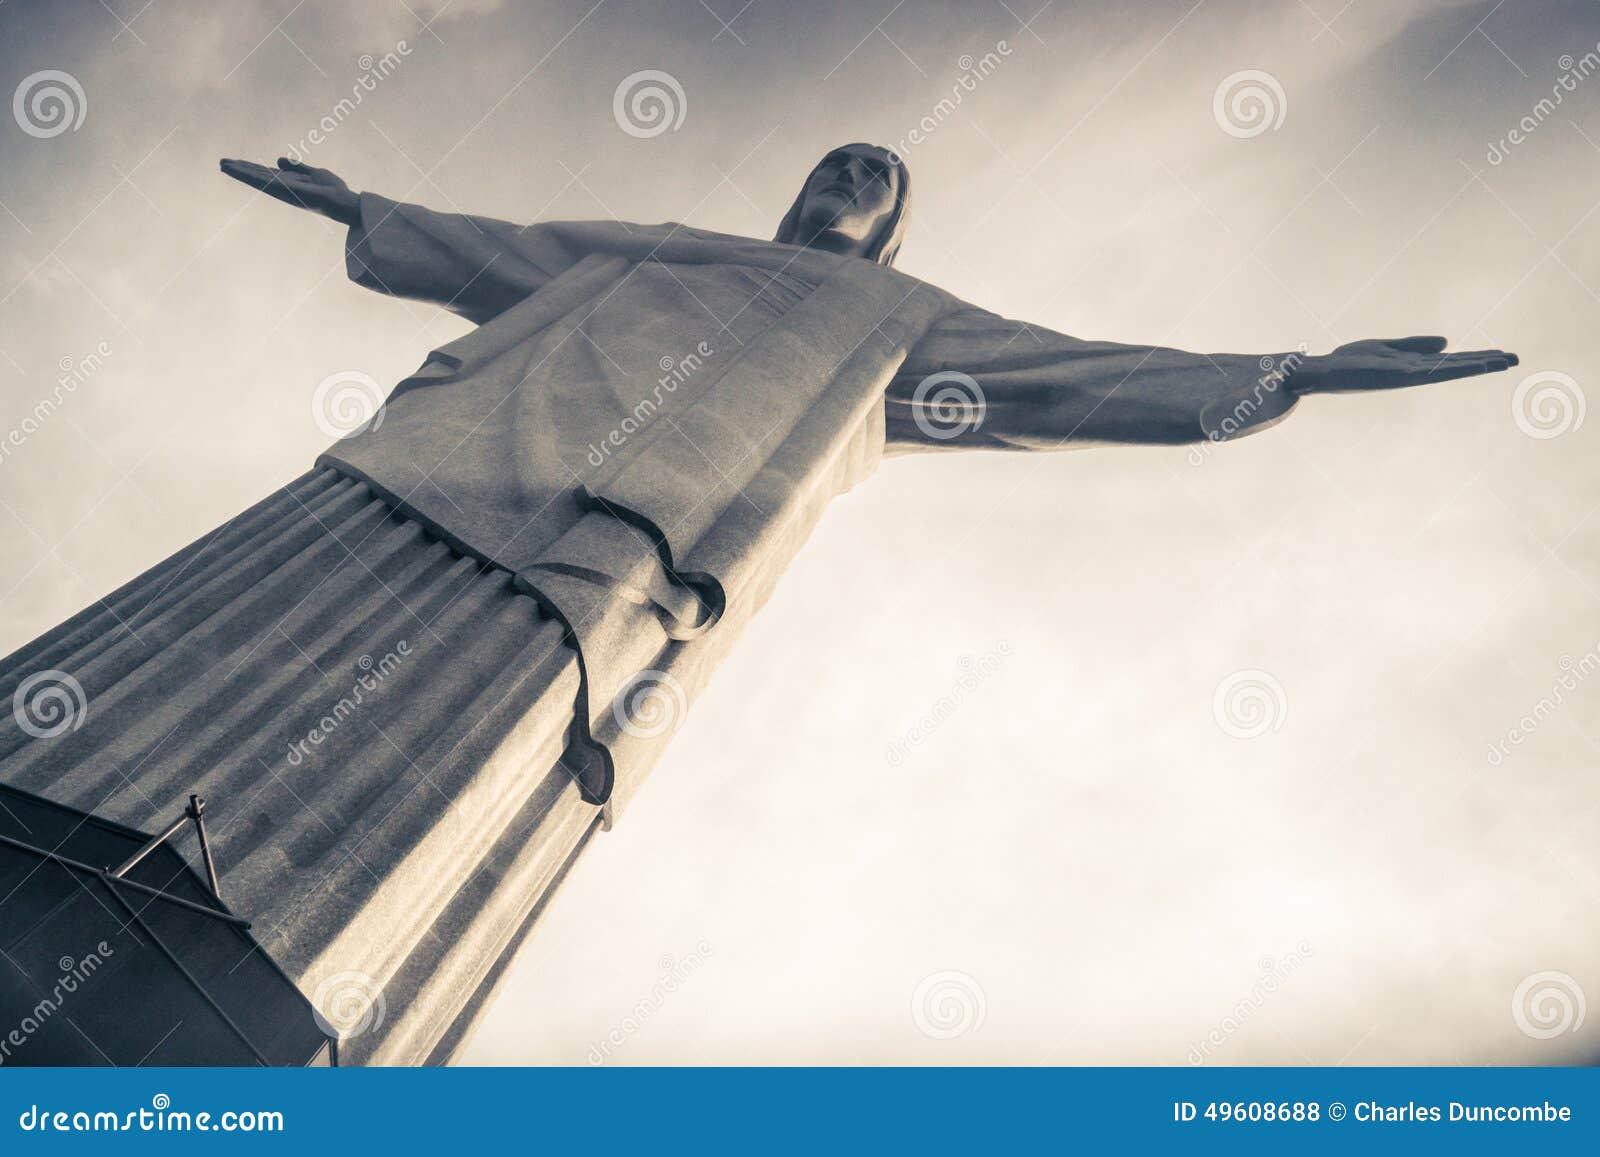 Χριστός ο απελευθερωτής (Cristo Redentor) στο Ρίο, Βραζιλία